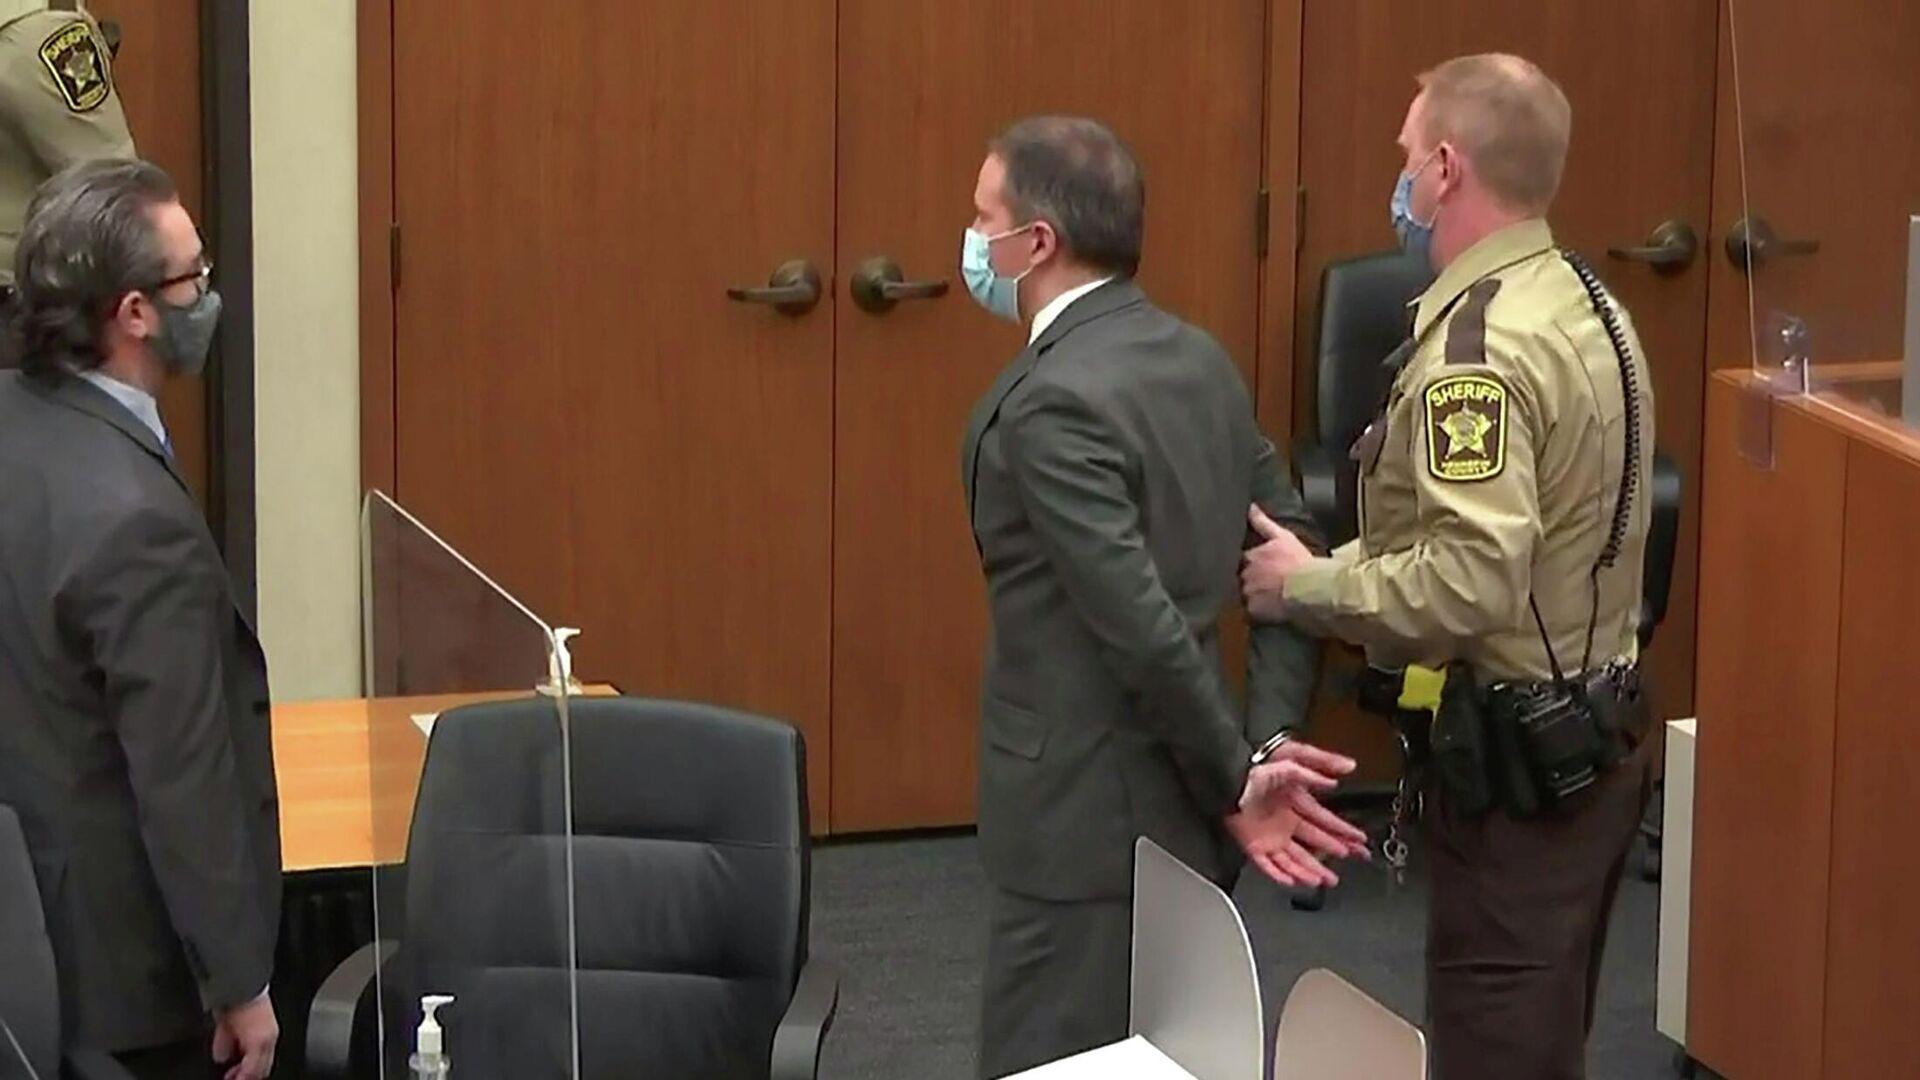 Экс-полицейского Дерека Шовина выводят после заседания суда по делу о смерти Джорджа Флойда - РИА Новости, 1920, 14.05.2021